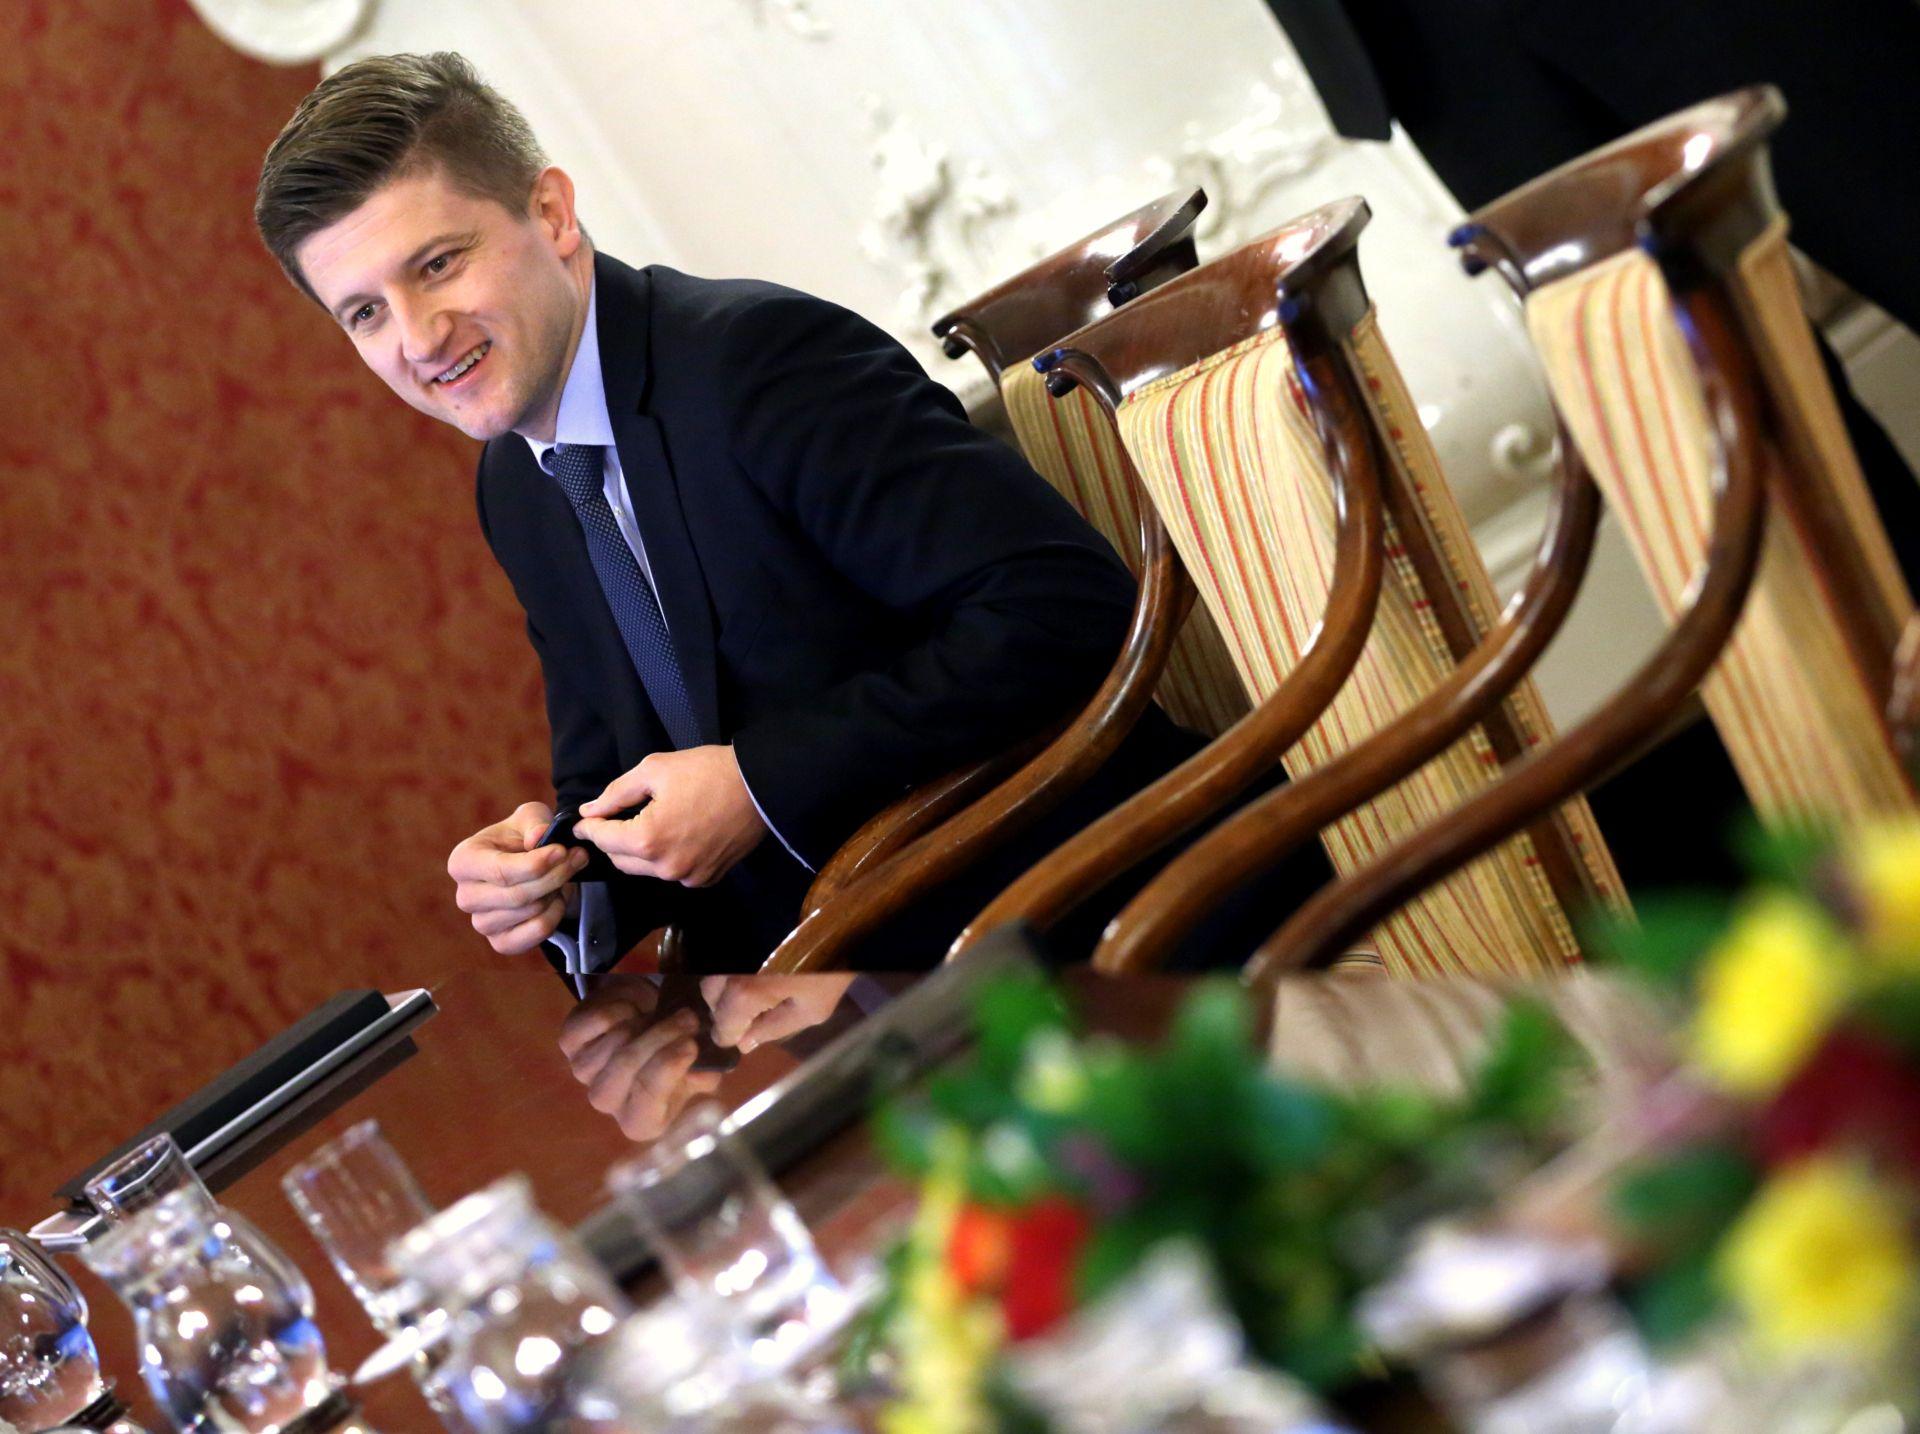 MINISTAR MARIĆ: 'HEP će i dalje pozitivno poslovati'